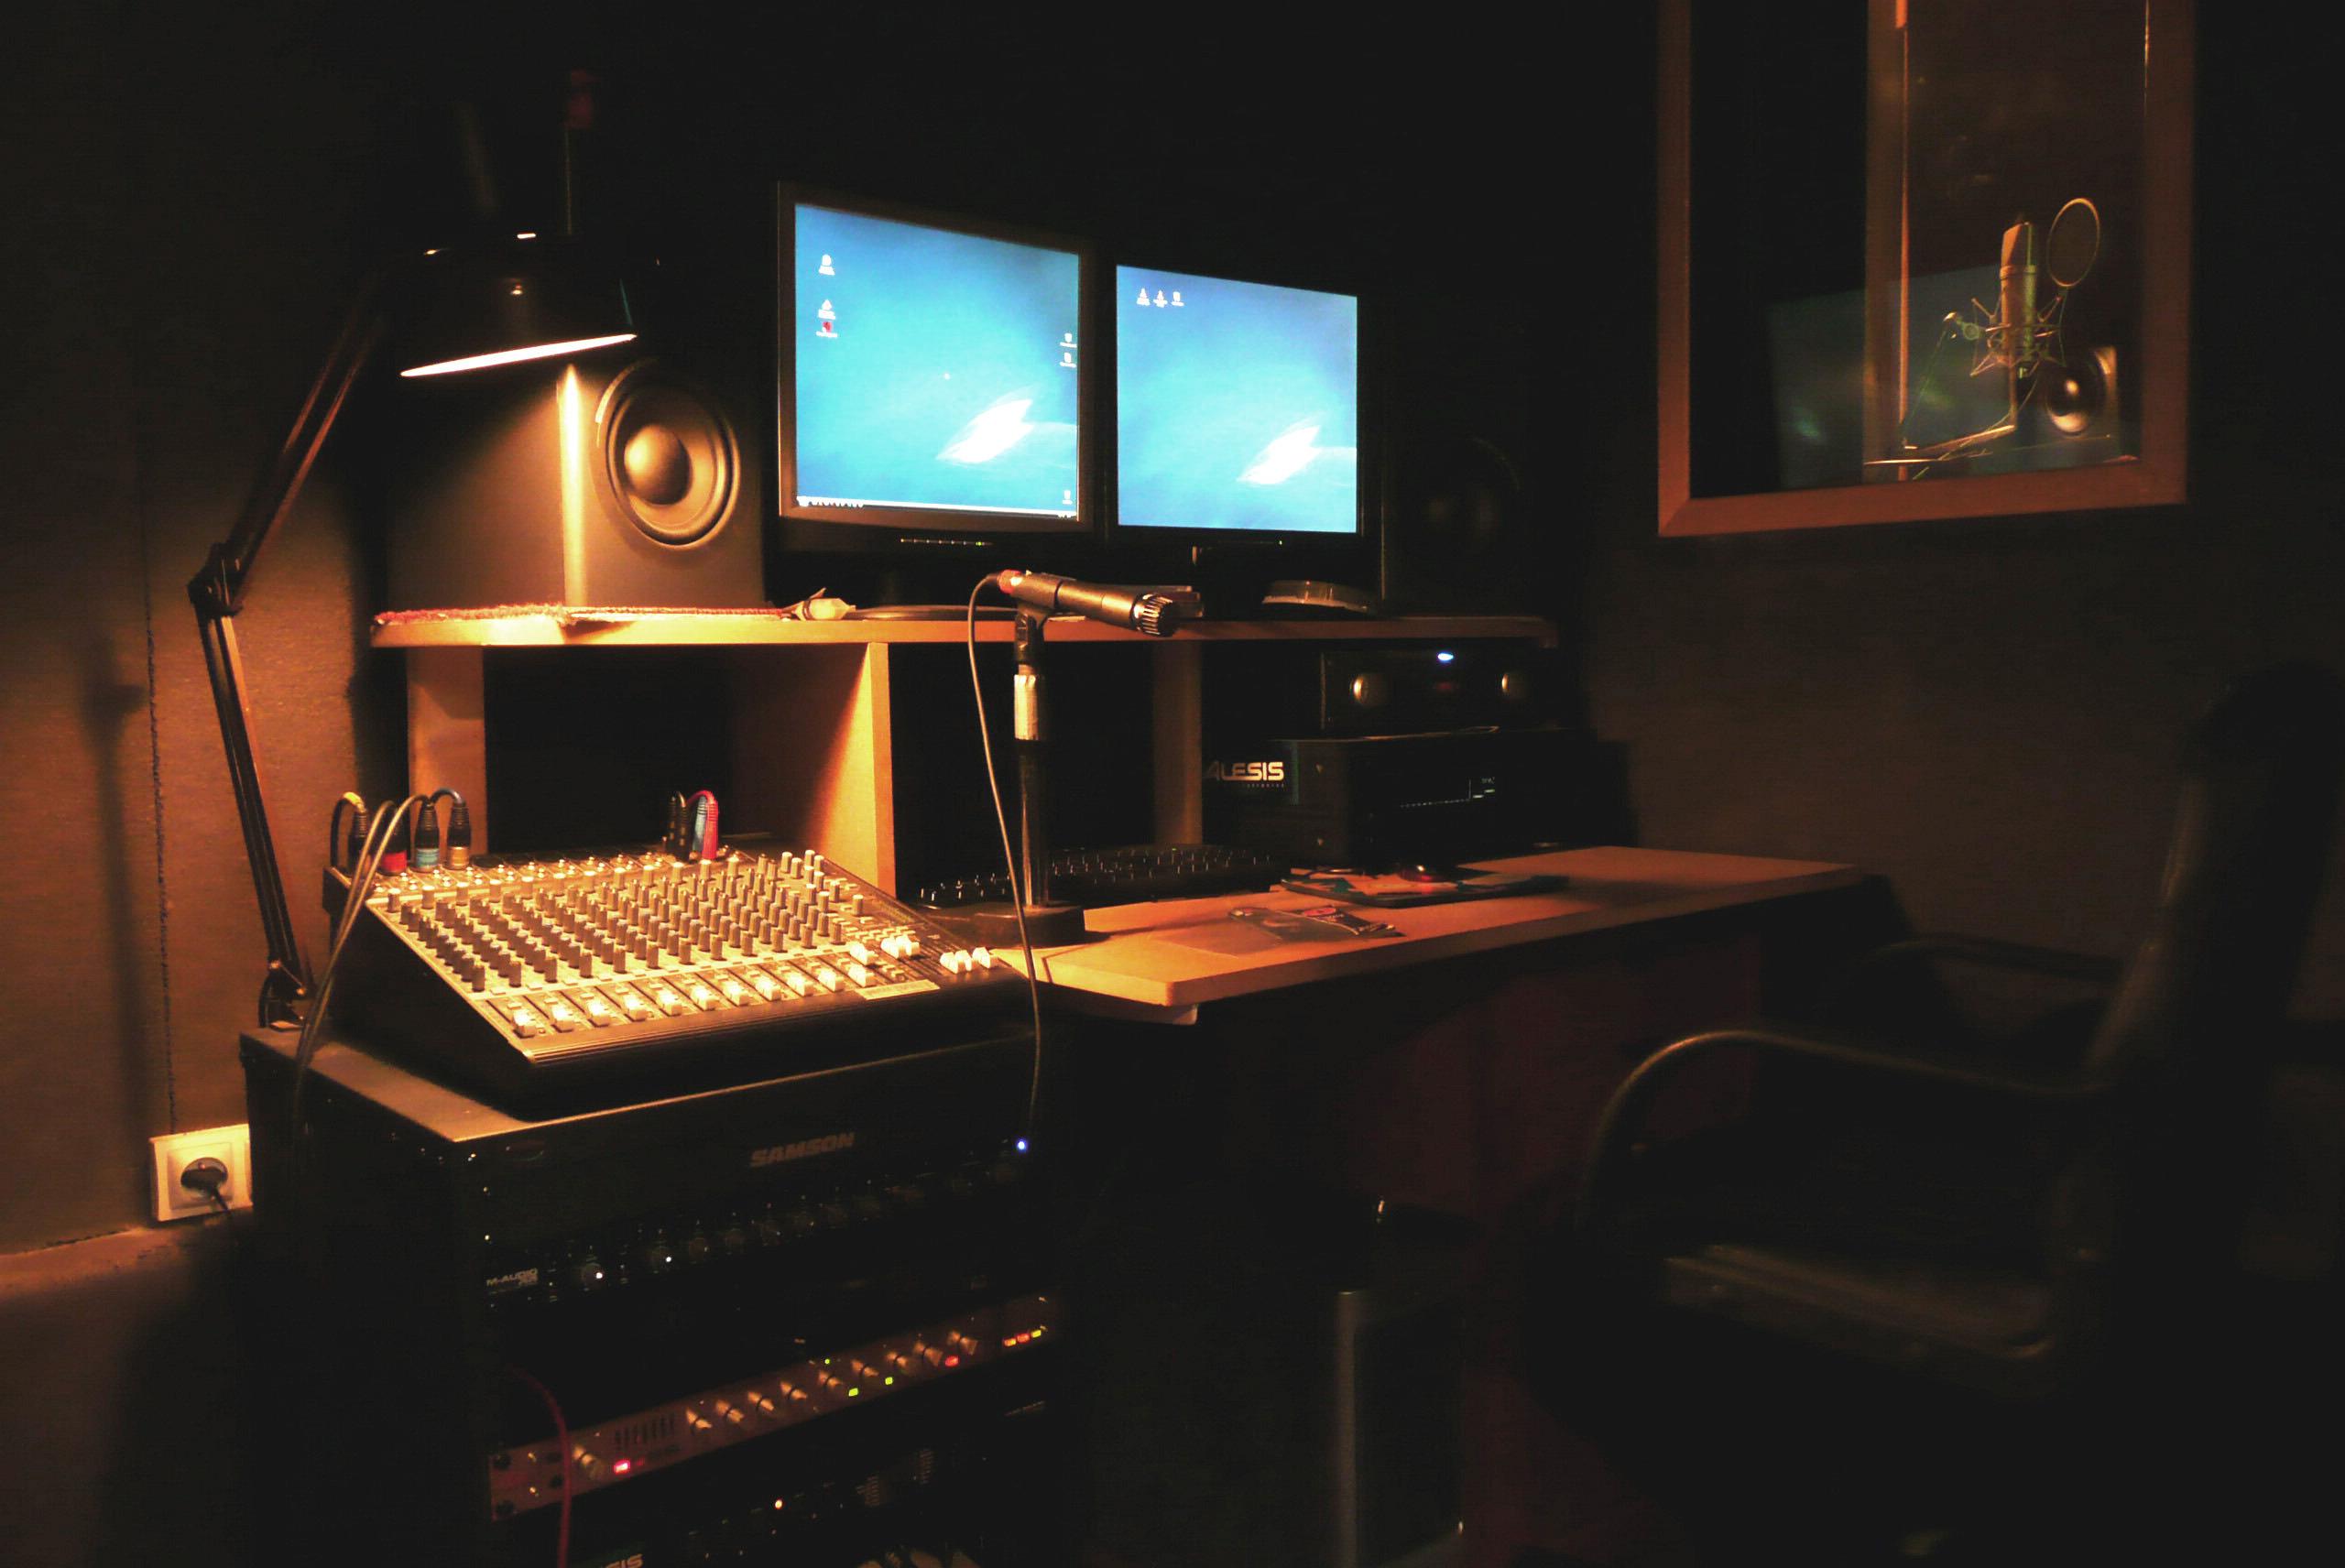 Studio d 39 enregistrement rap paris - Table de mixage studio d enregistrement ...